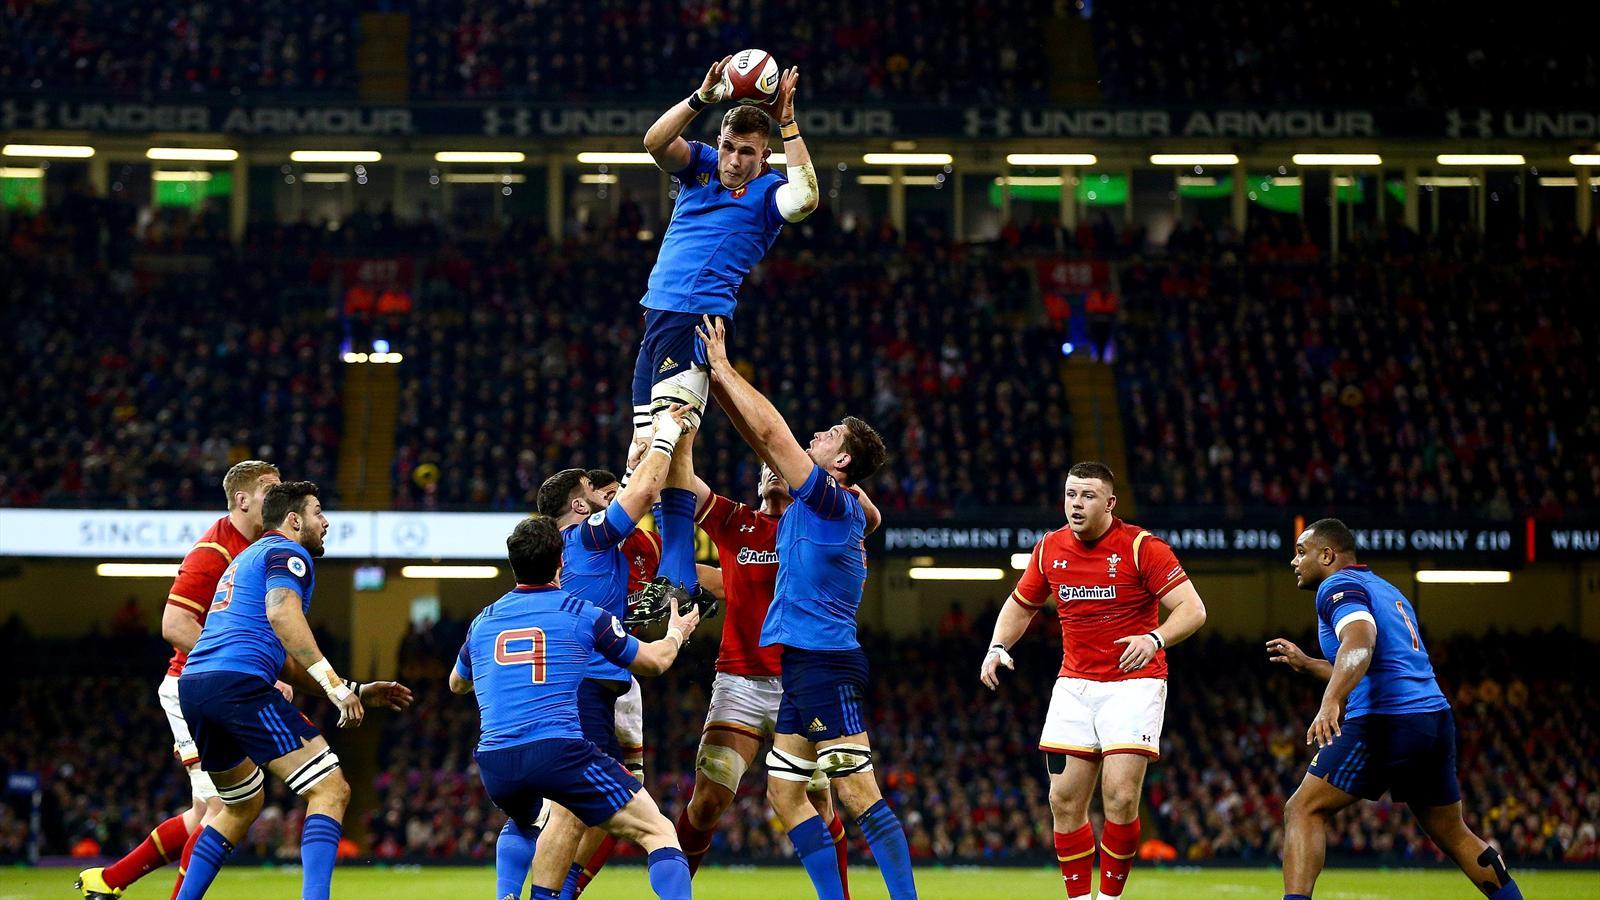 Paul Jedrasiak capte un ballon en touche lors de Galles-France - 26 février 2016